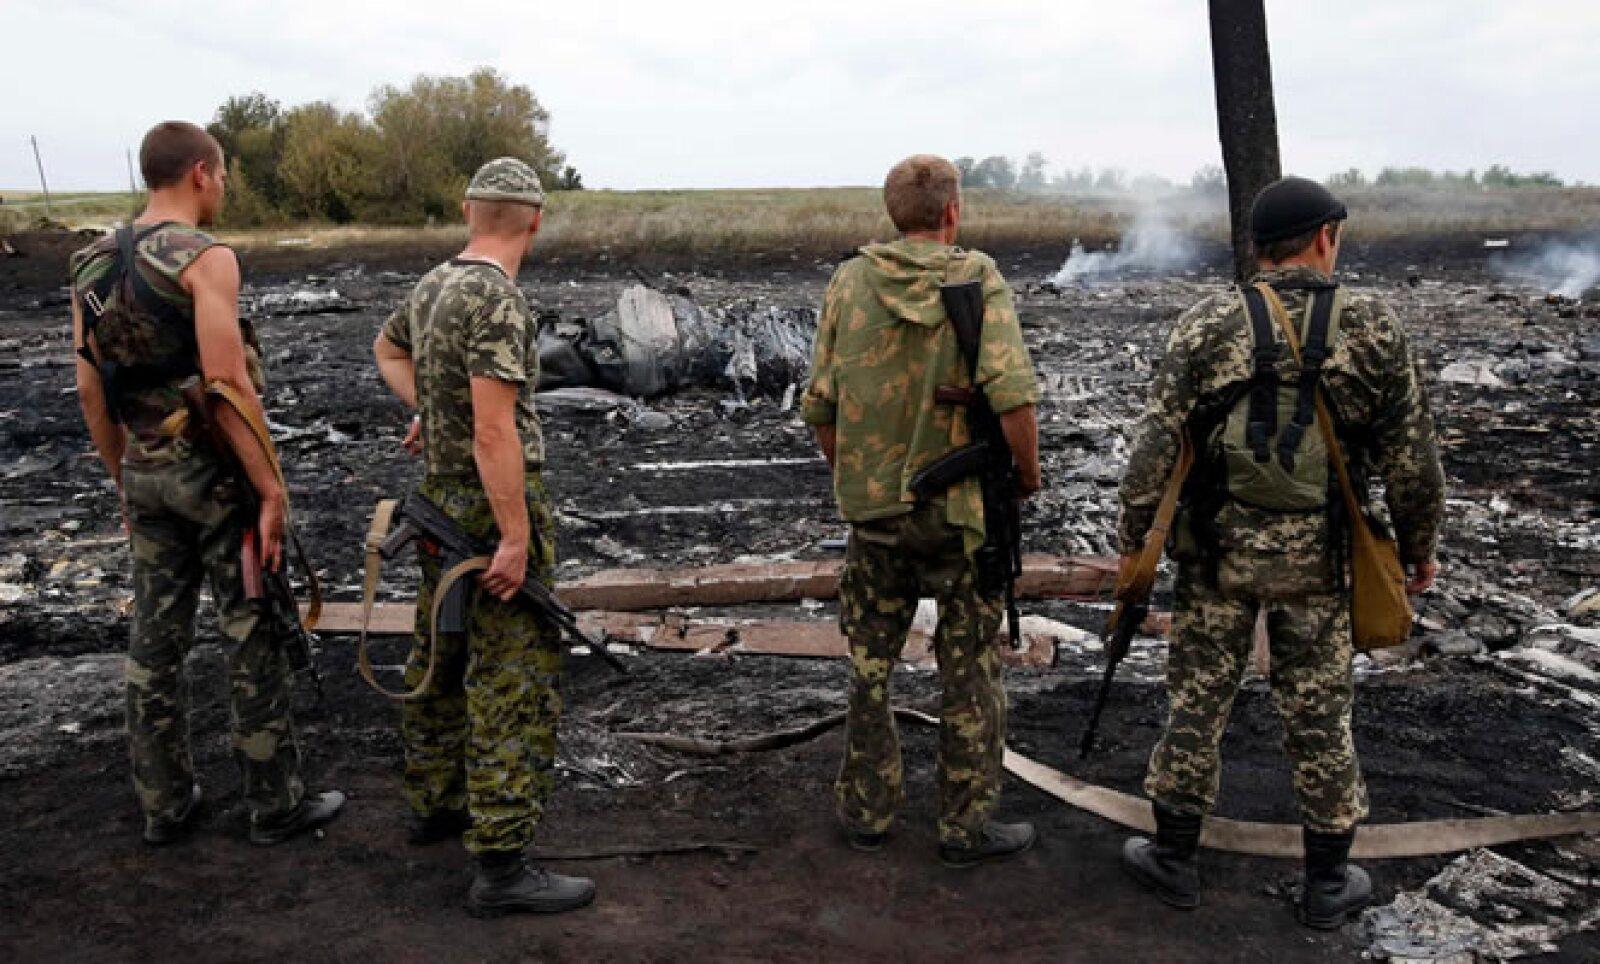 Autoridades ucranianas dicen que el avión fue derribado en el este de Ucrania por un misil tierra aire Buk.